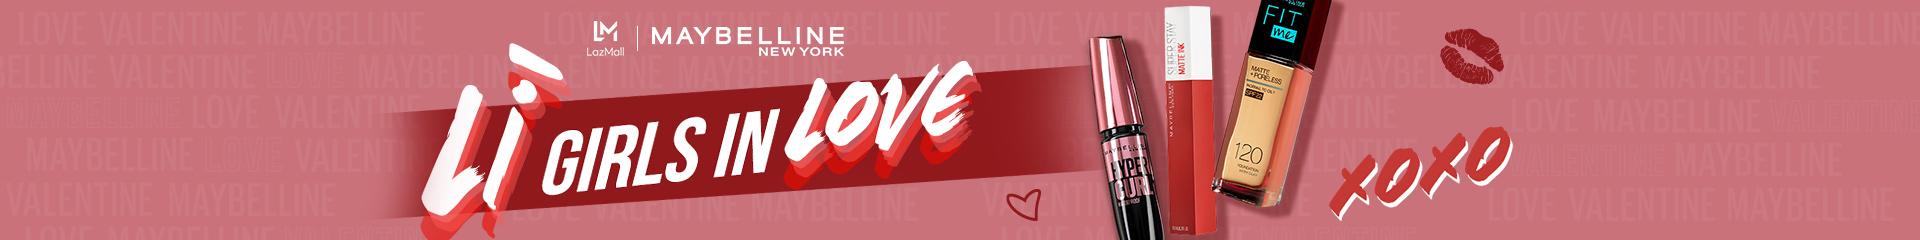 Lazada Maybelline Shop Banner